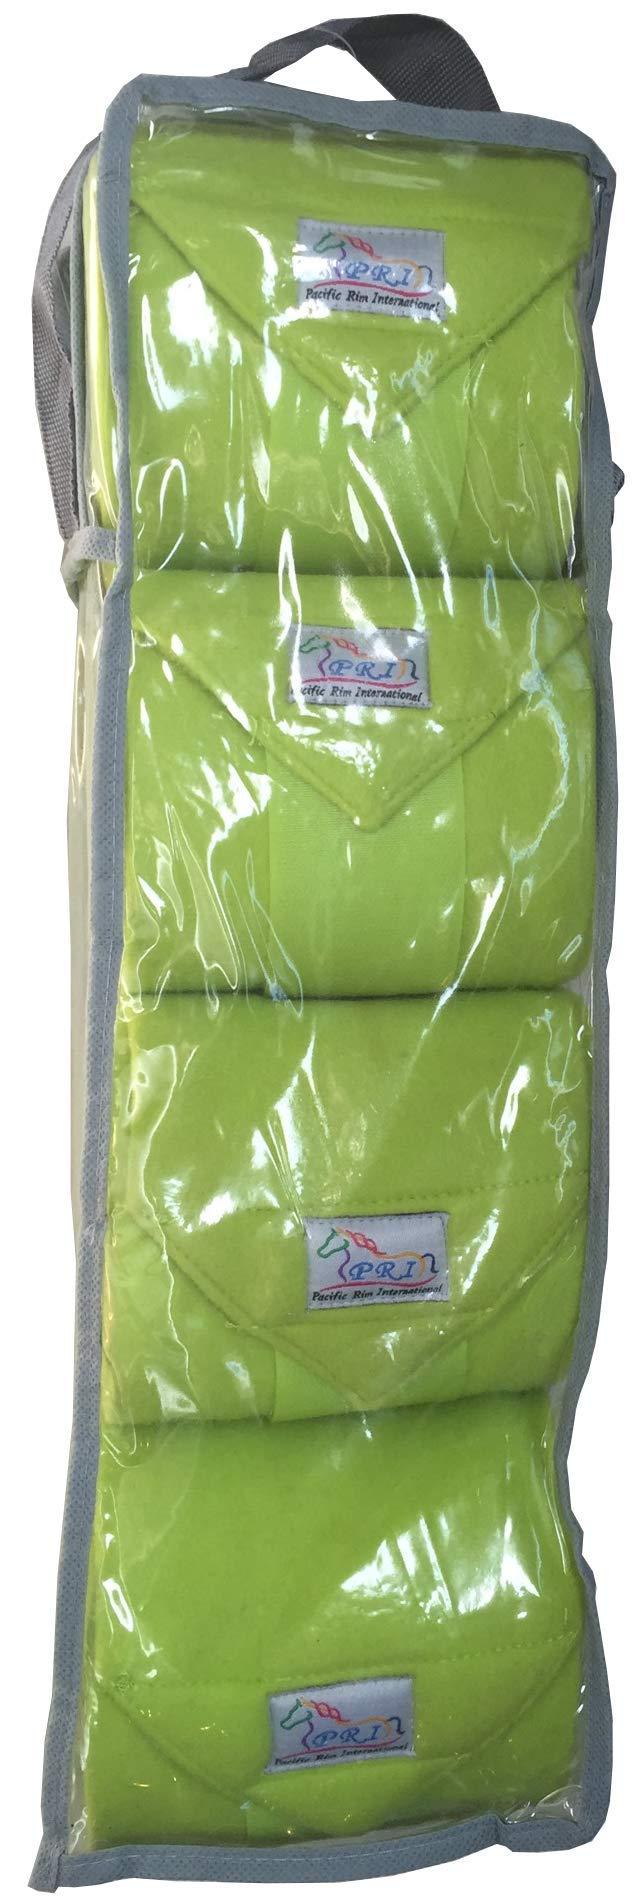 Set of Four Fleece Polo Wraps, Lime Green, Horse Size by PRI Horse Leg Protection